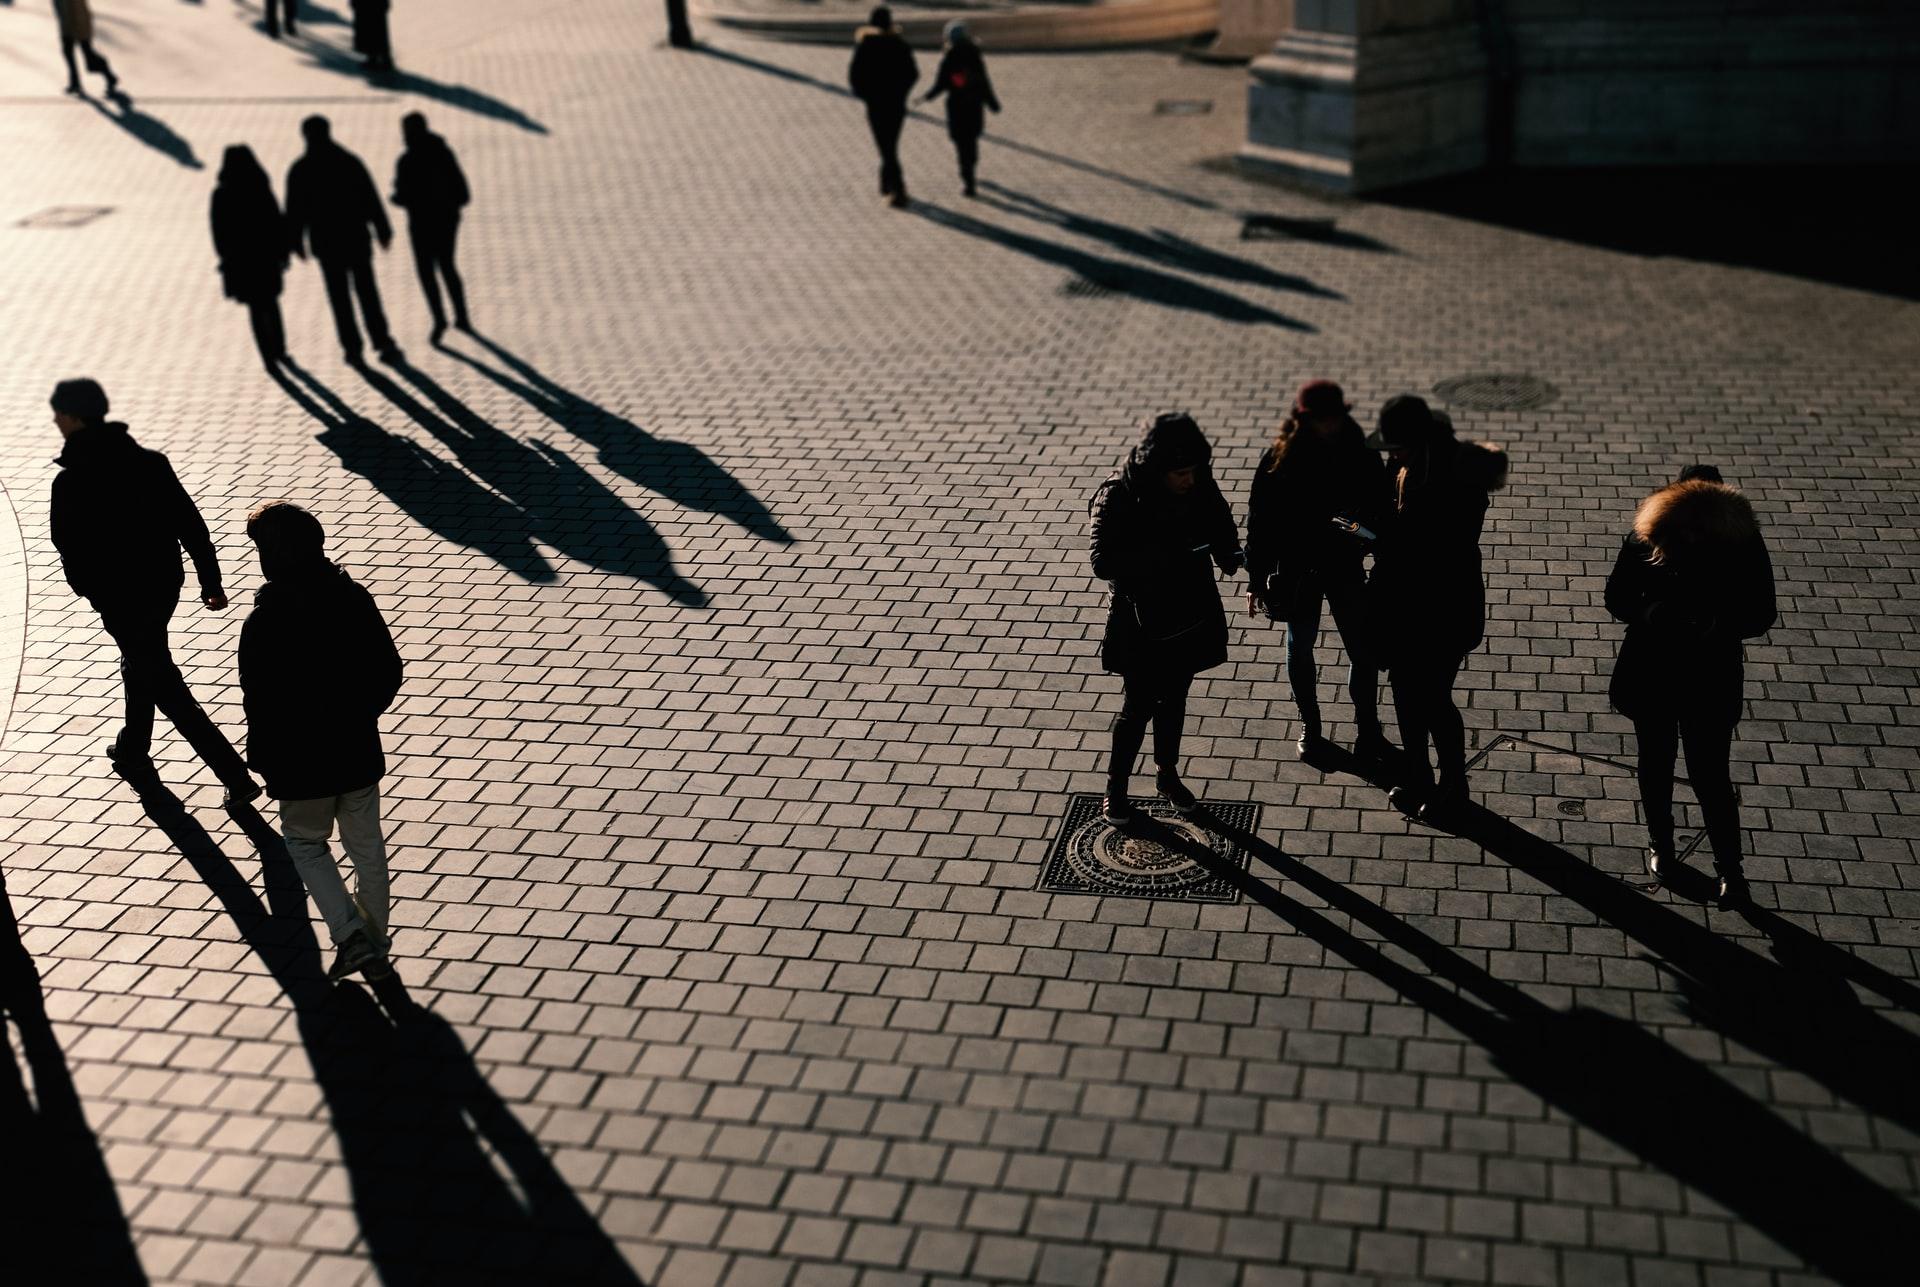 Ανησυχητικές οι πρώτες εκτιμήσεις από την απογραφή του πληθυσμού στην Ελλάδα